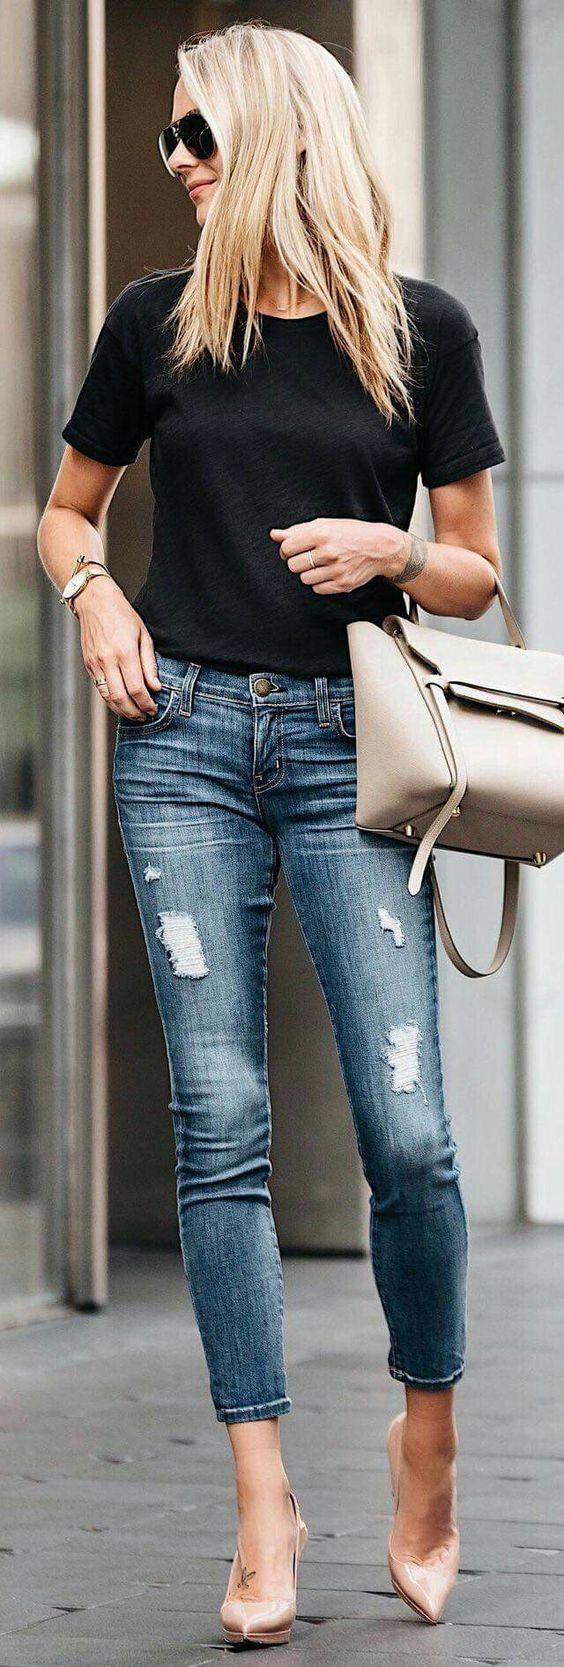 Trucos de moda para lucir más alta